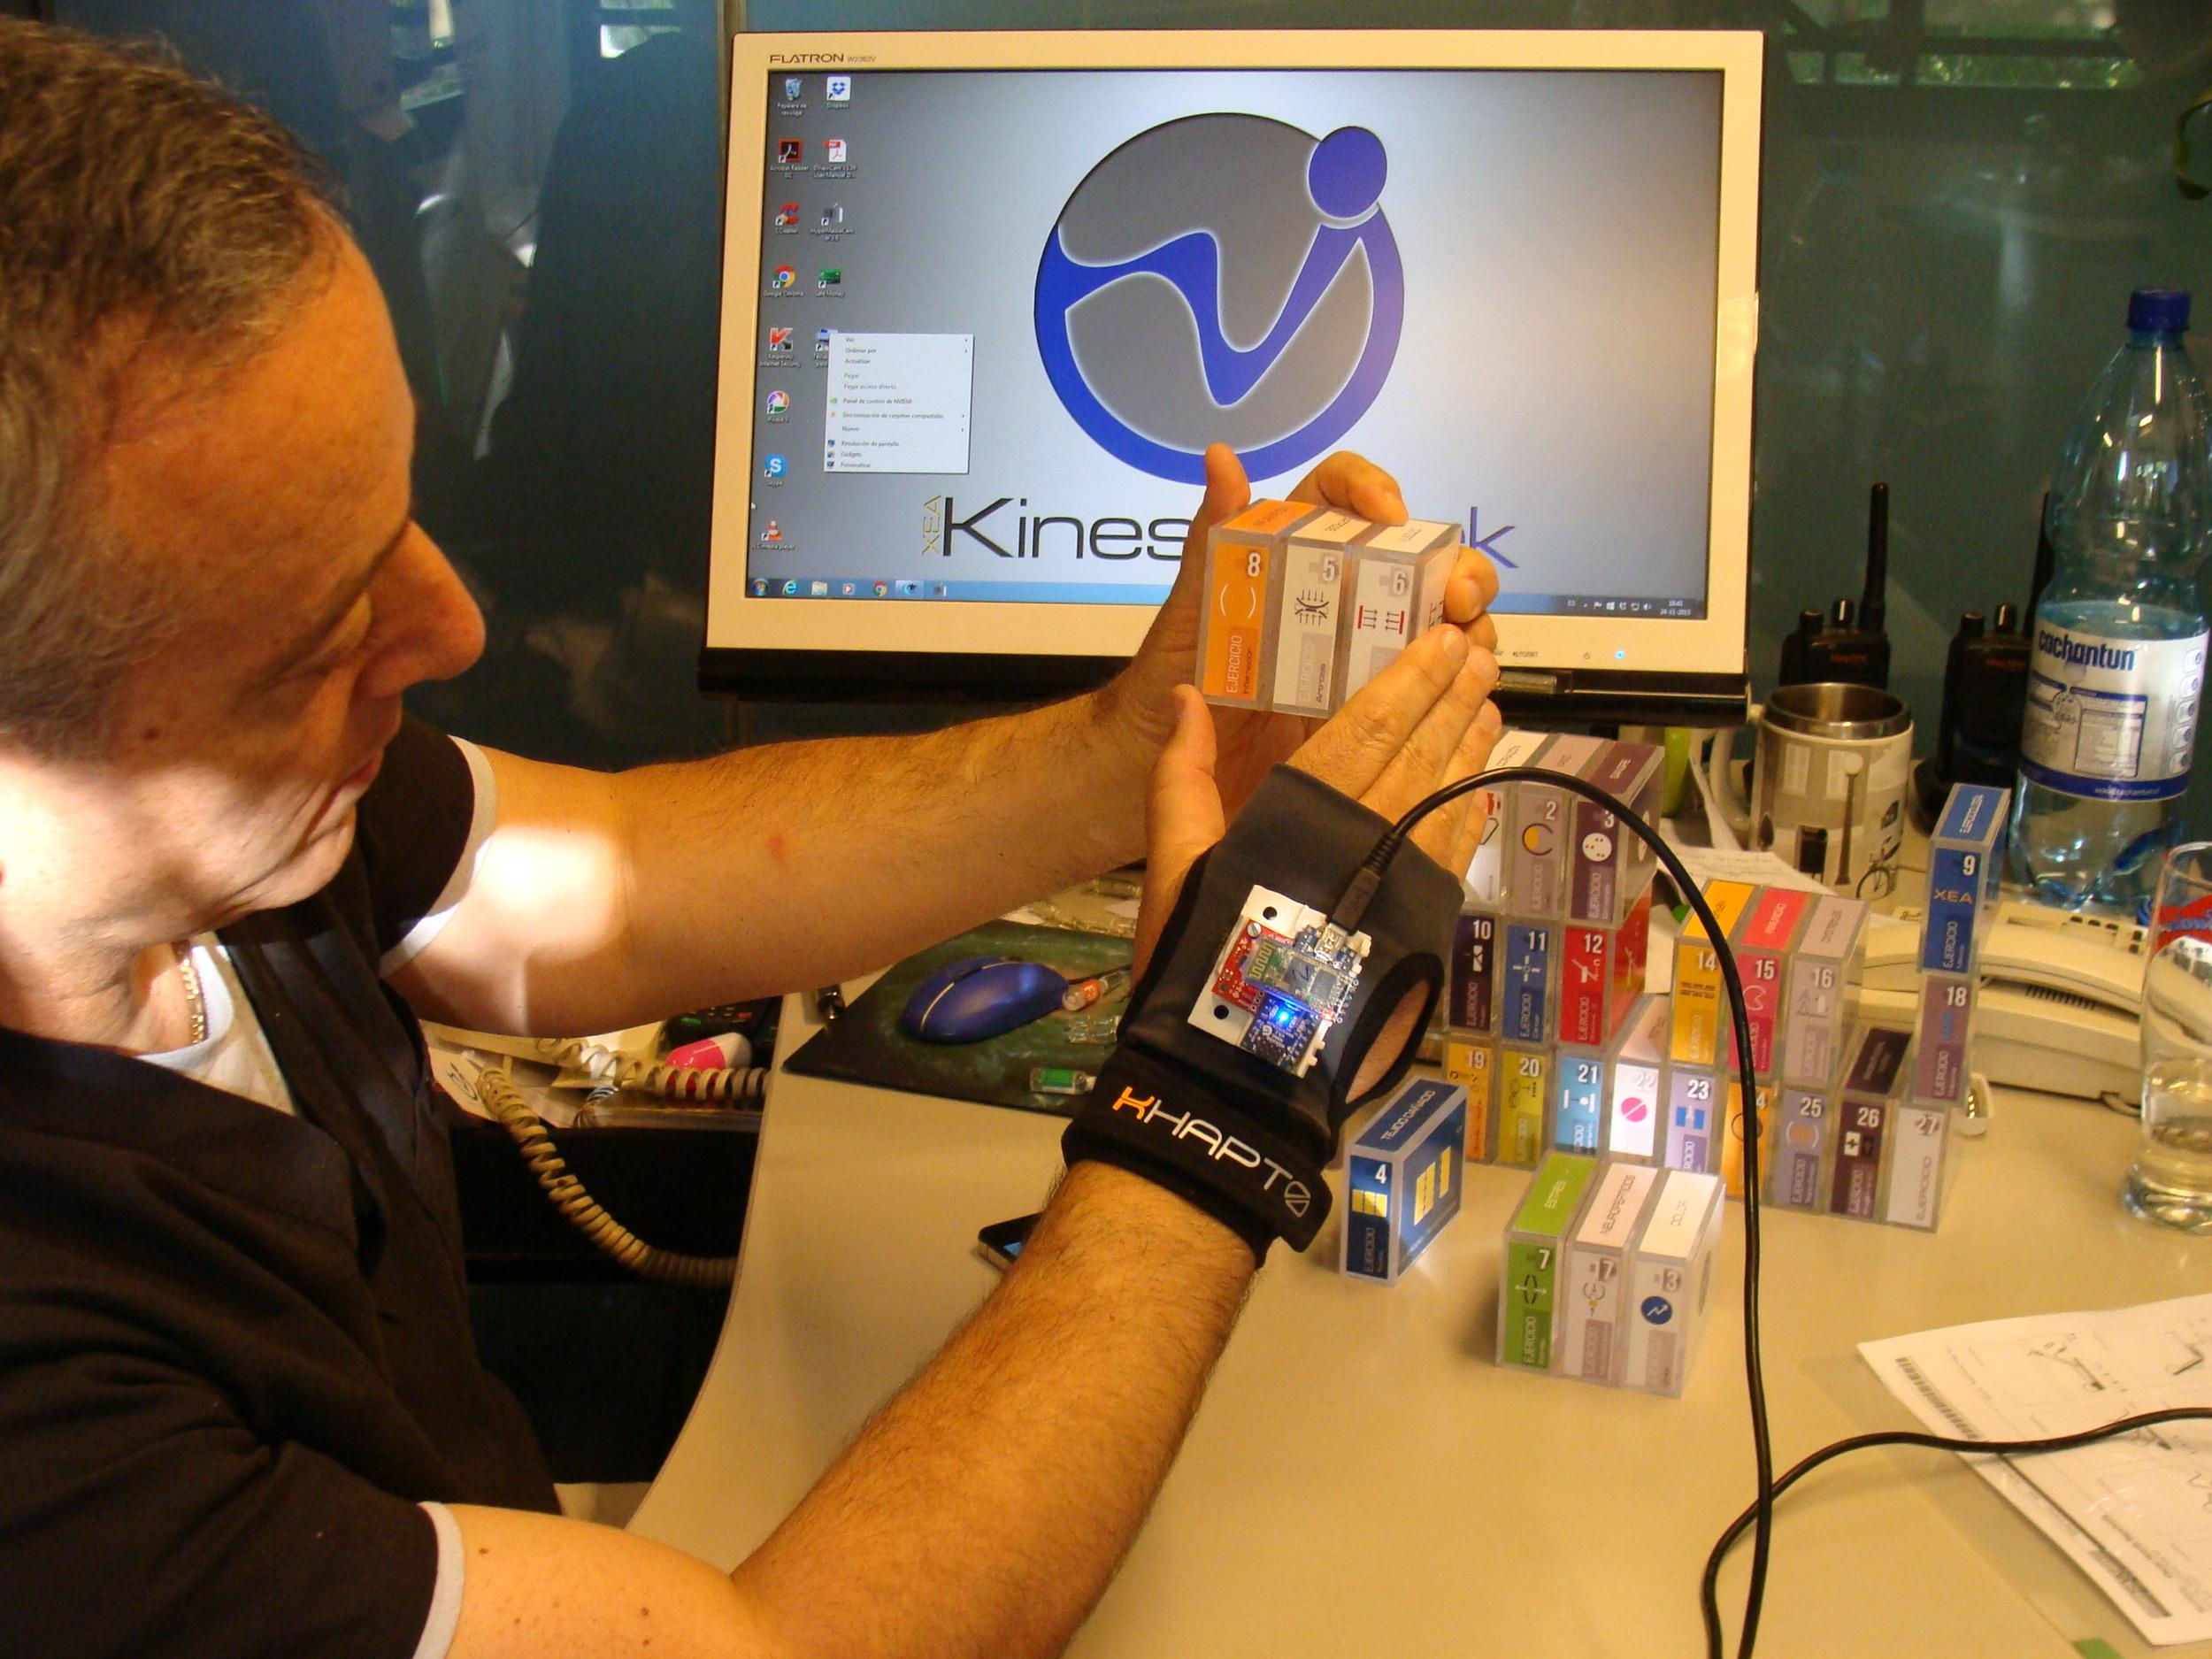 kinesiologo de clinica de ejercicio kw y guante khapto.JPG